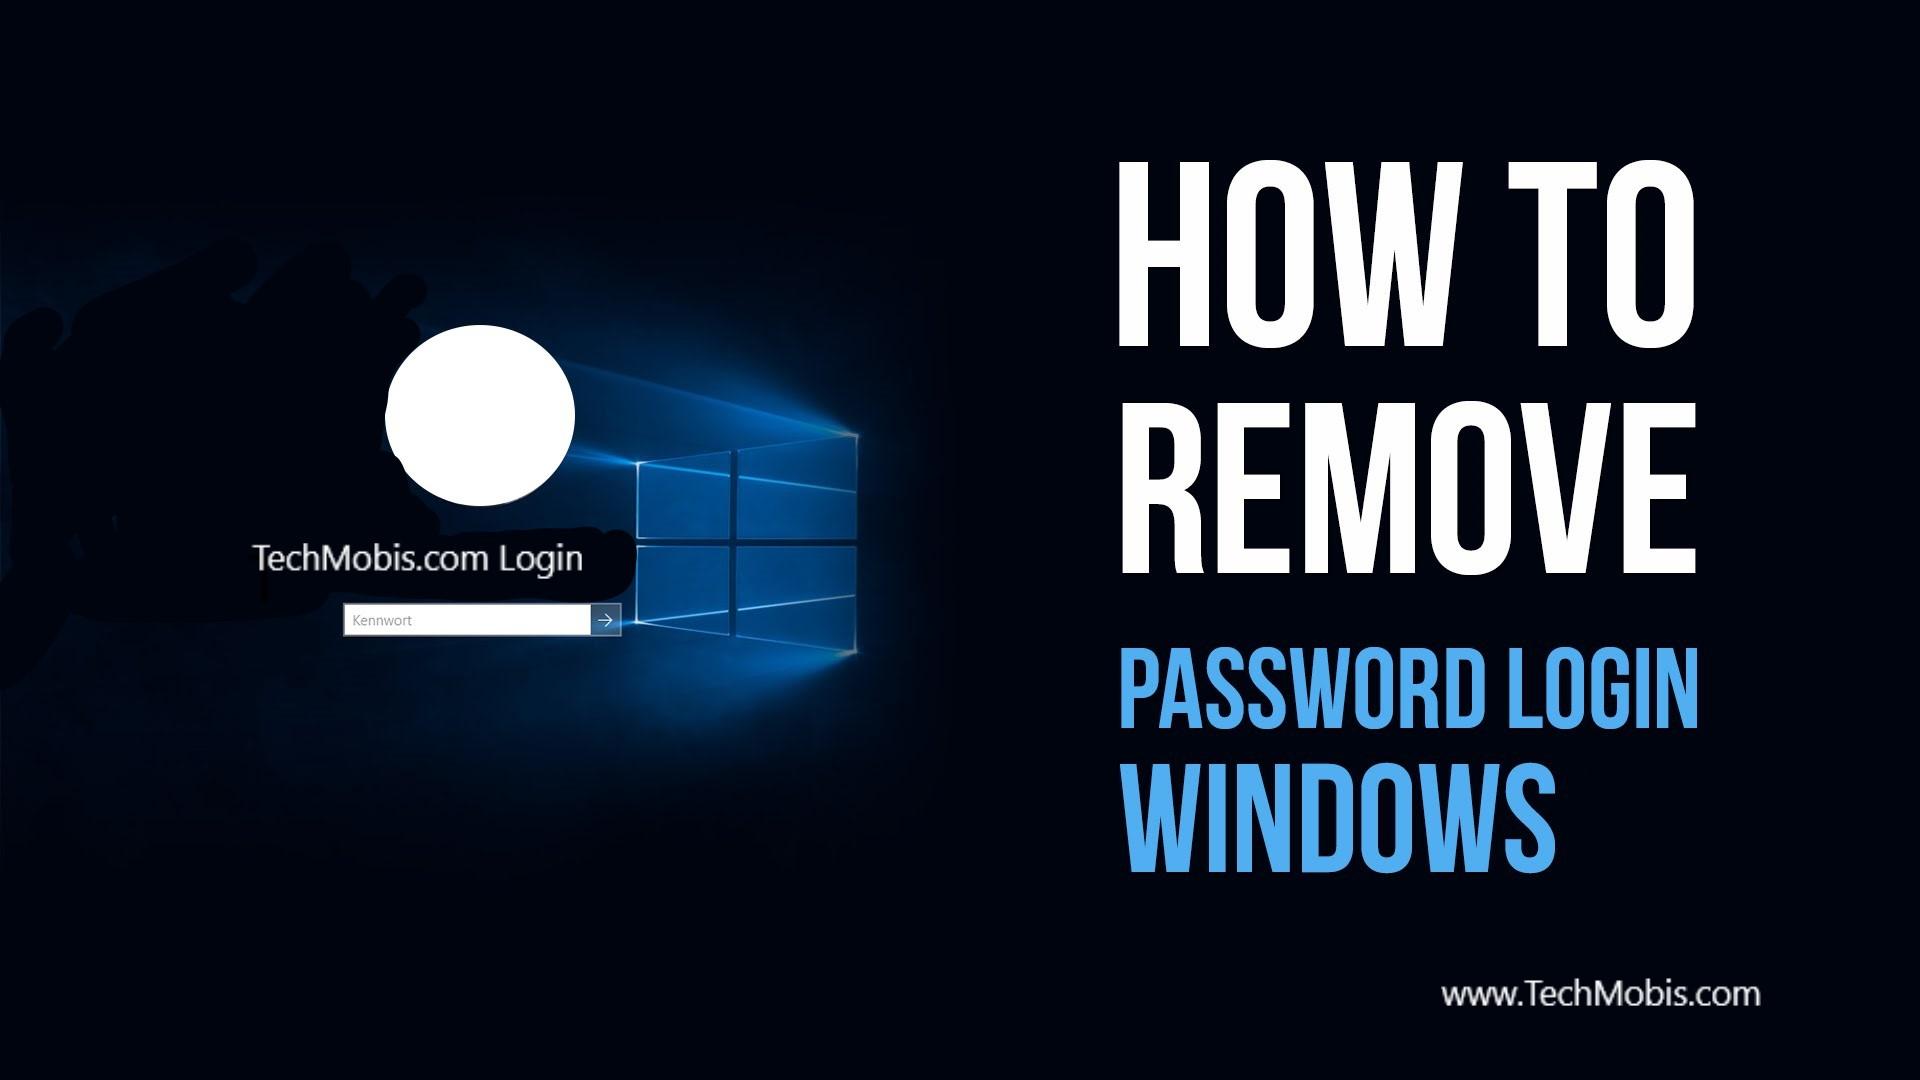 bypass windows 7 enterprise login password